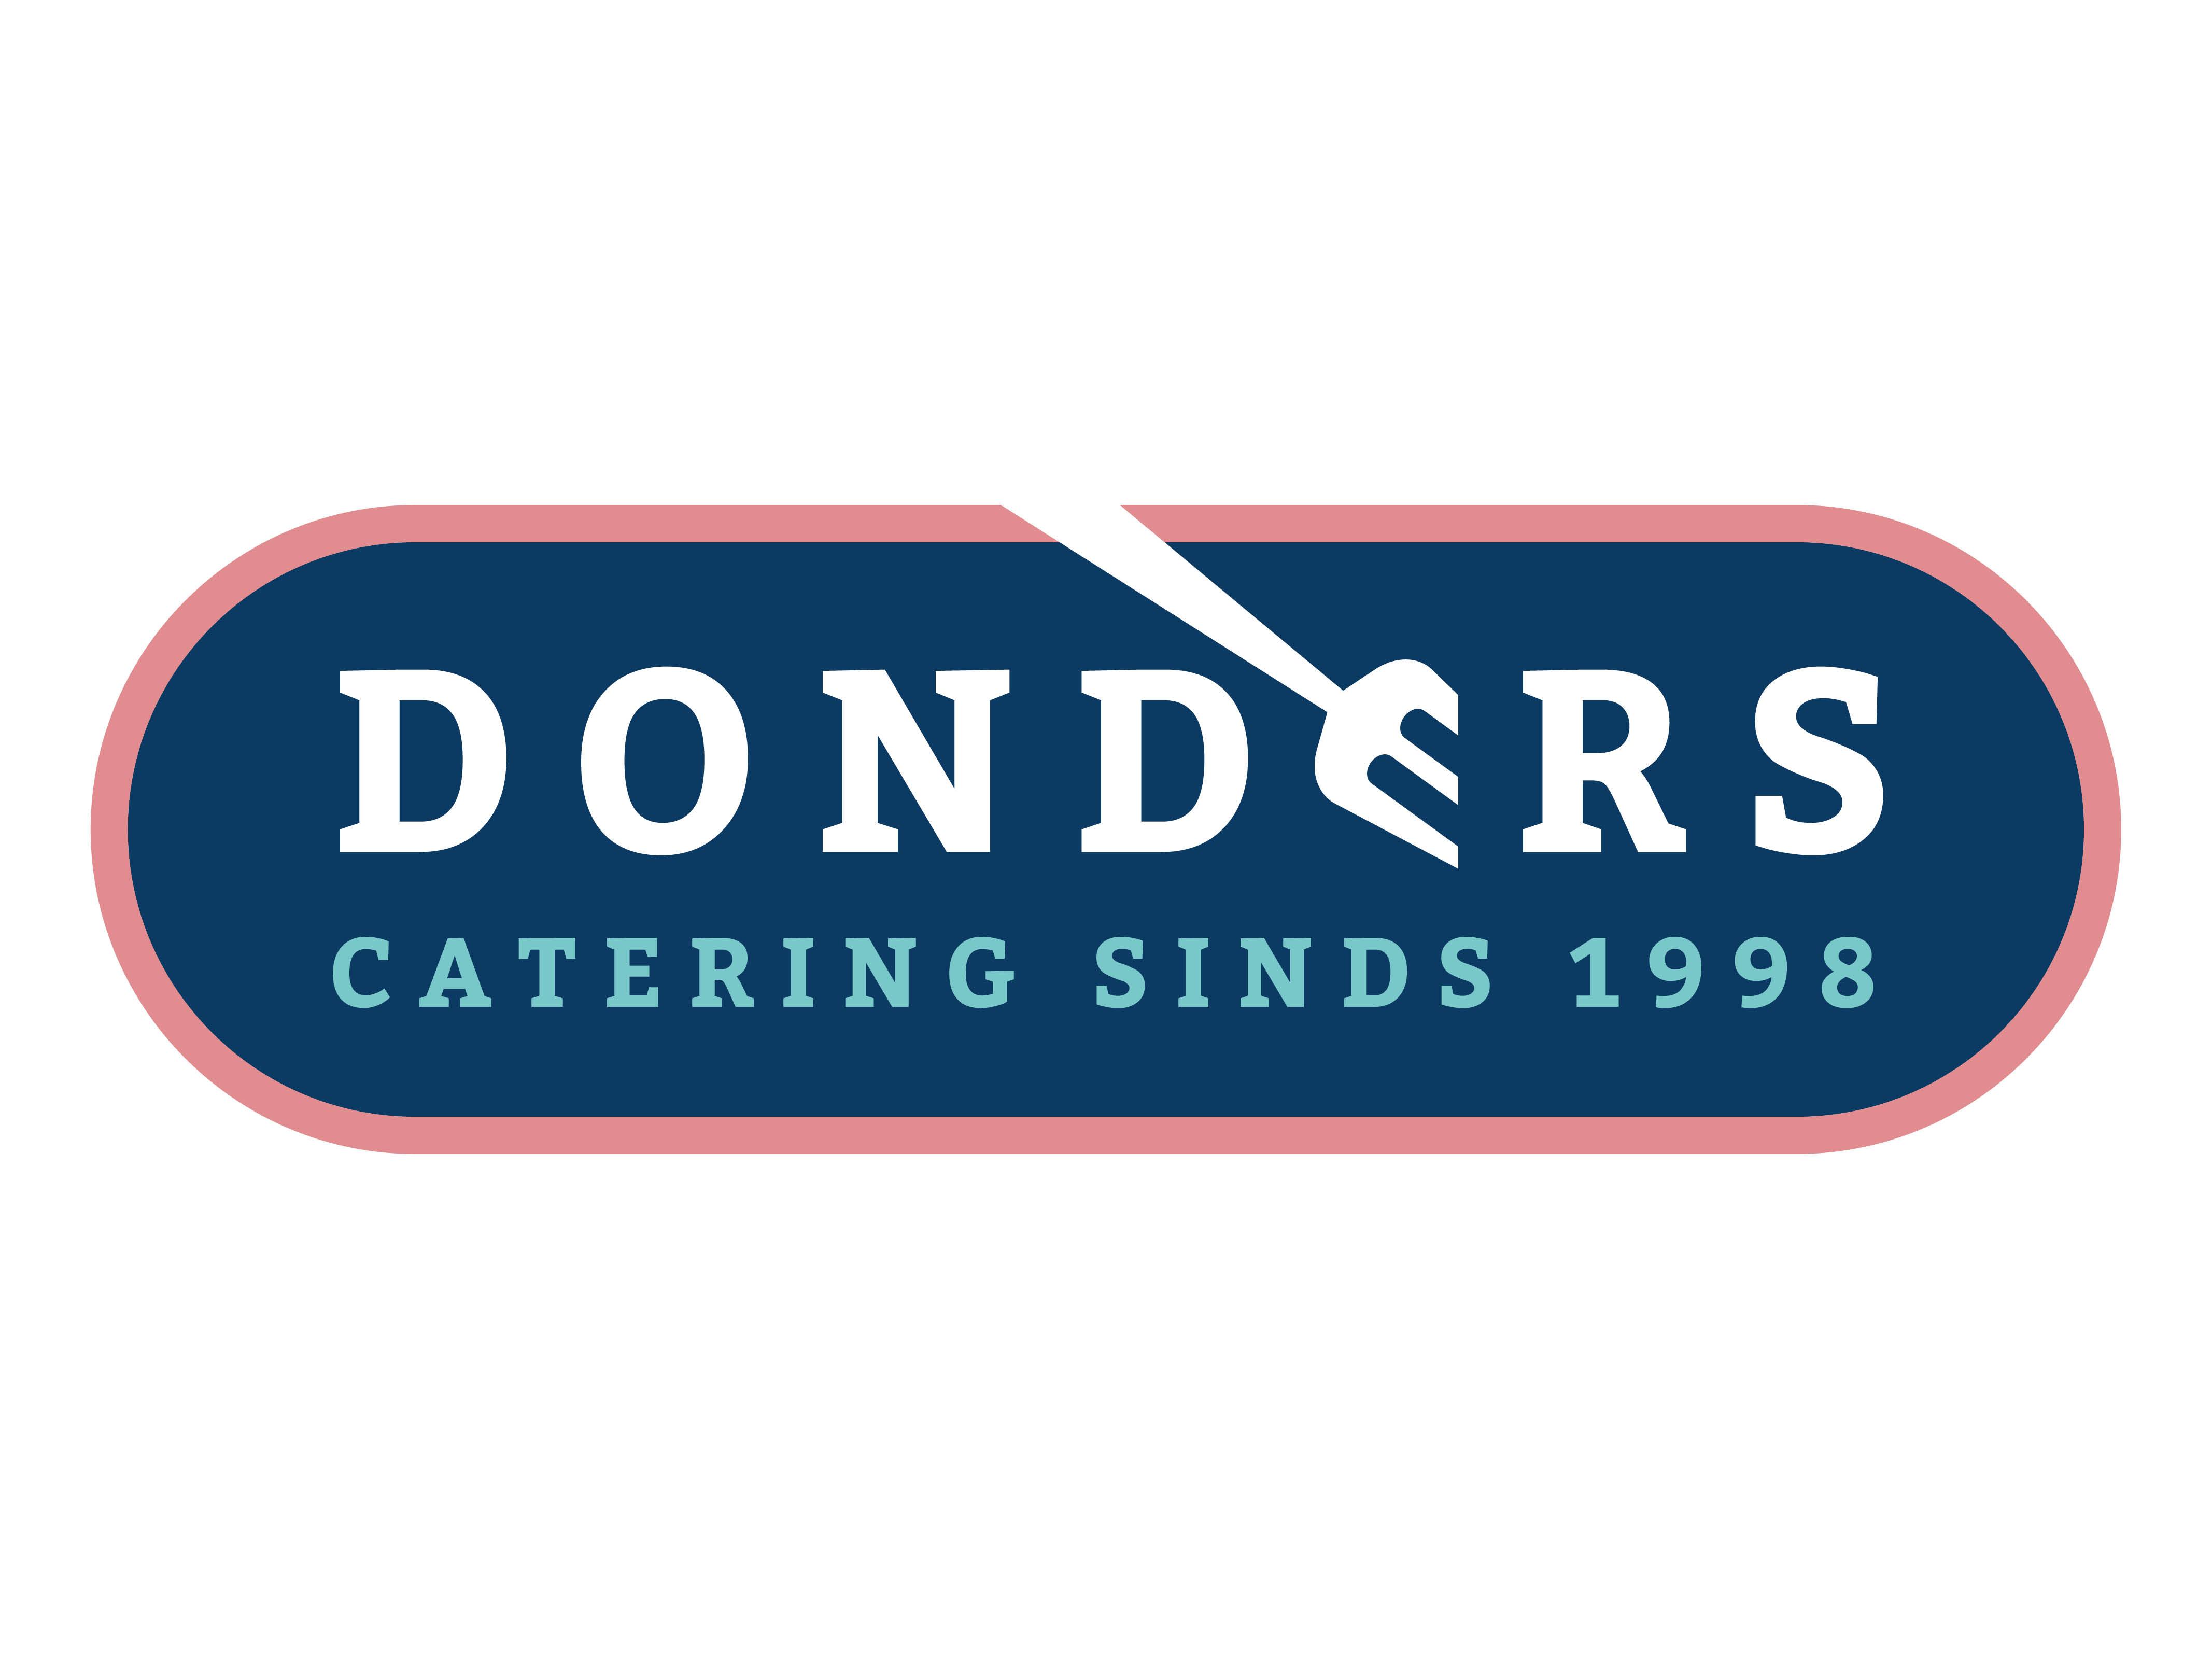 045-Donders.jpg